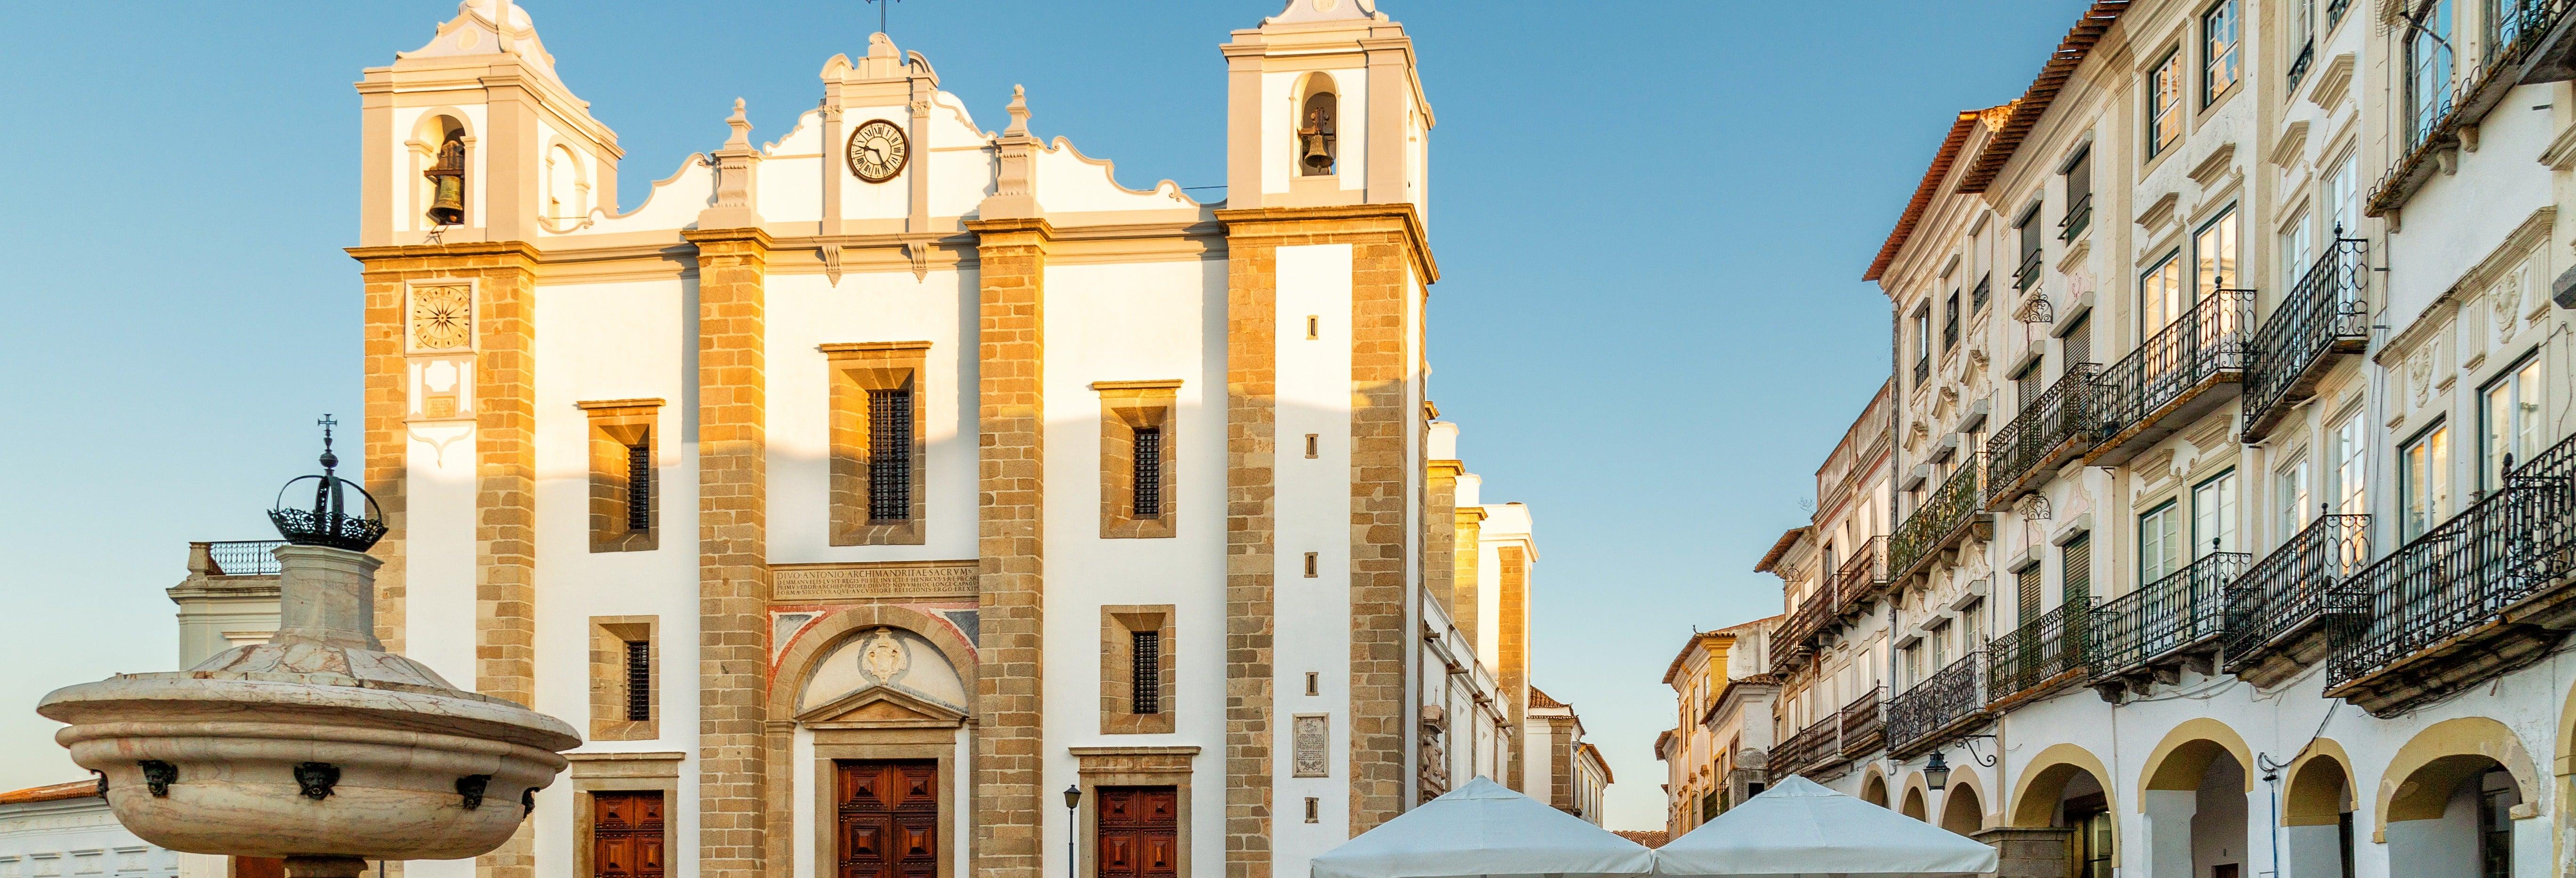 Free tour dans Évora. C'est gratuit !